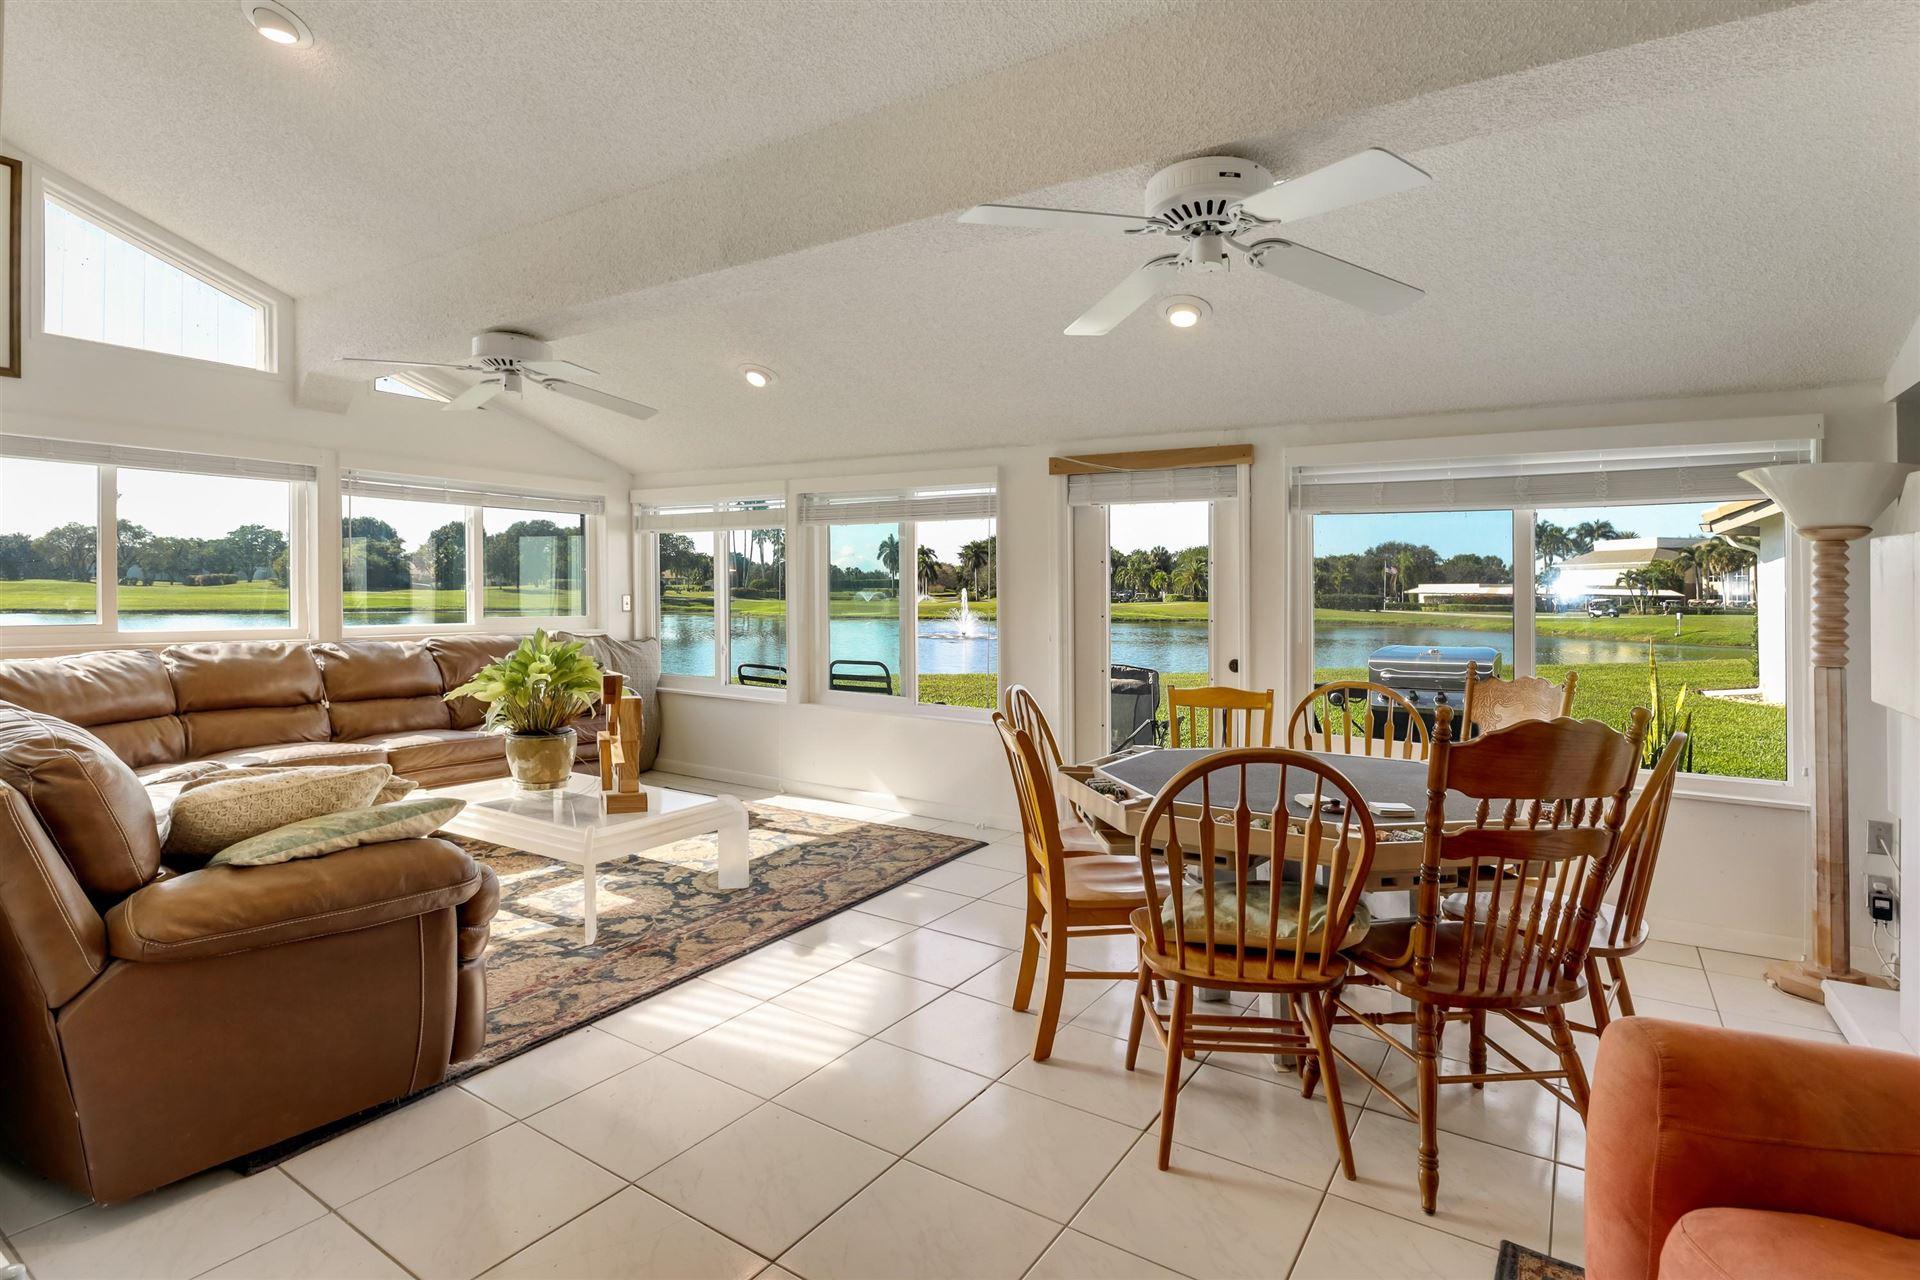 5783 Lakeview Mews Place, Boynton Beach, FL 33437 - MLS#: RX-10678957